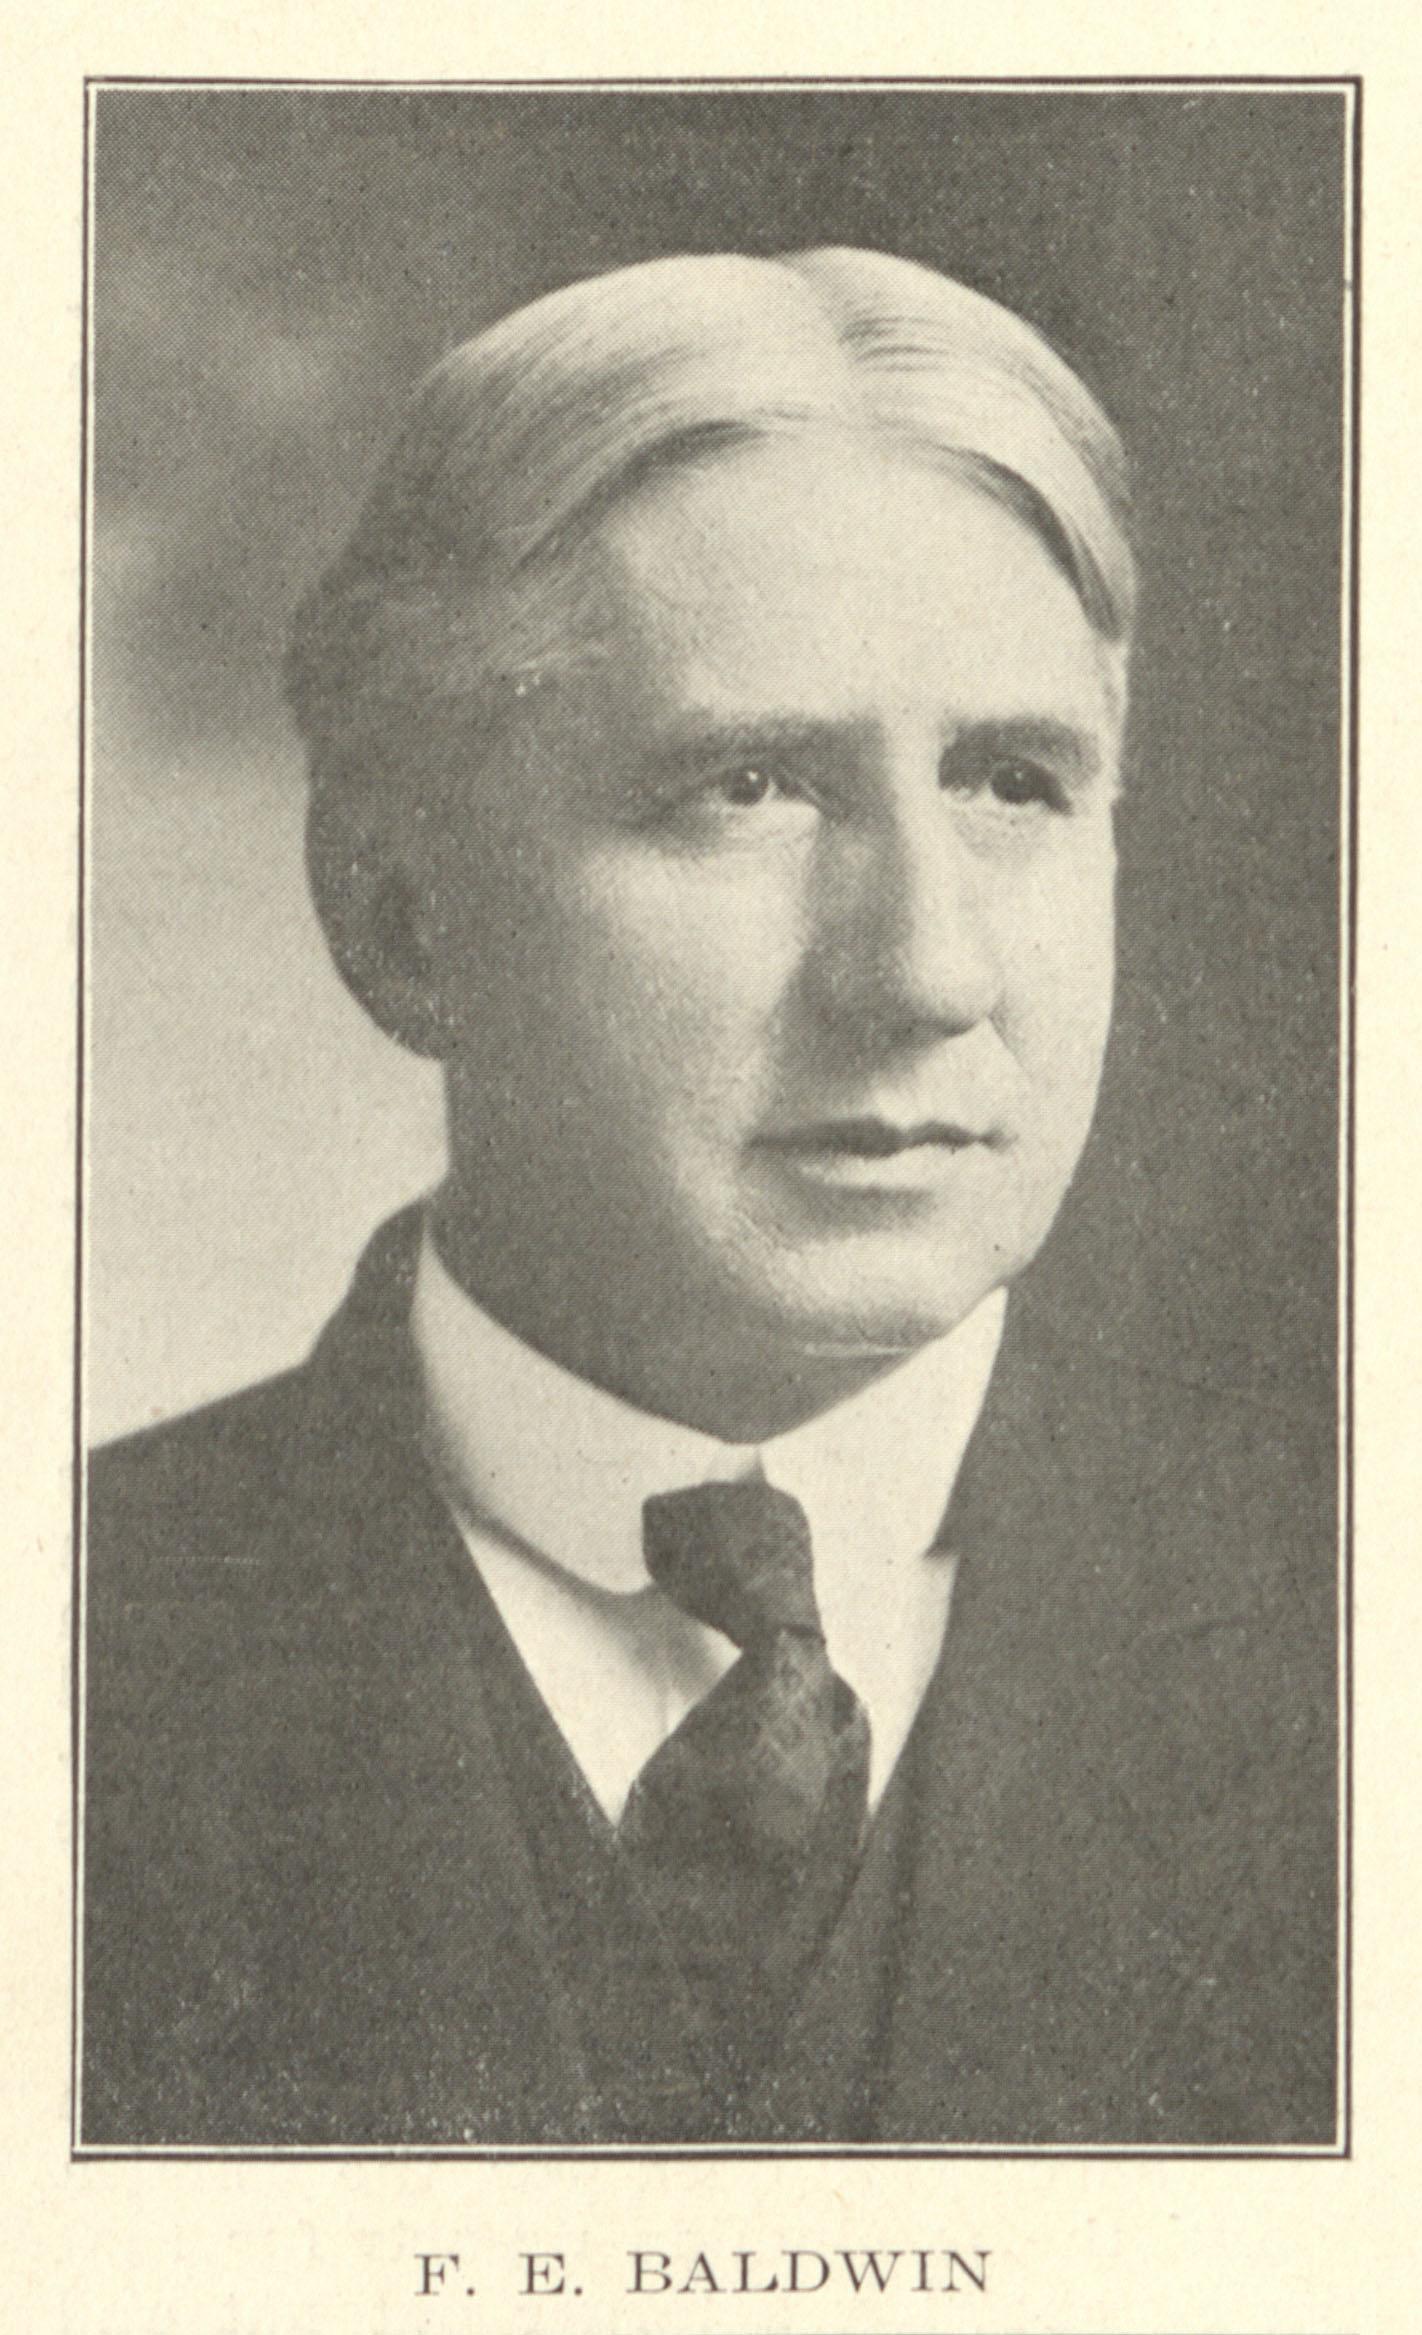 Photograph of Francis E. Baldwin